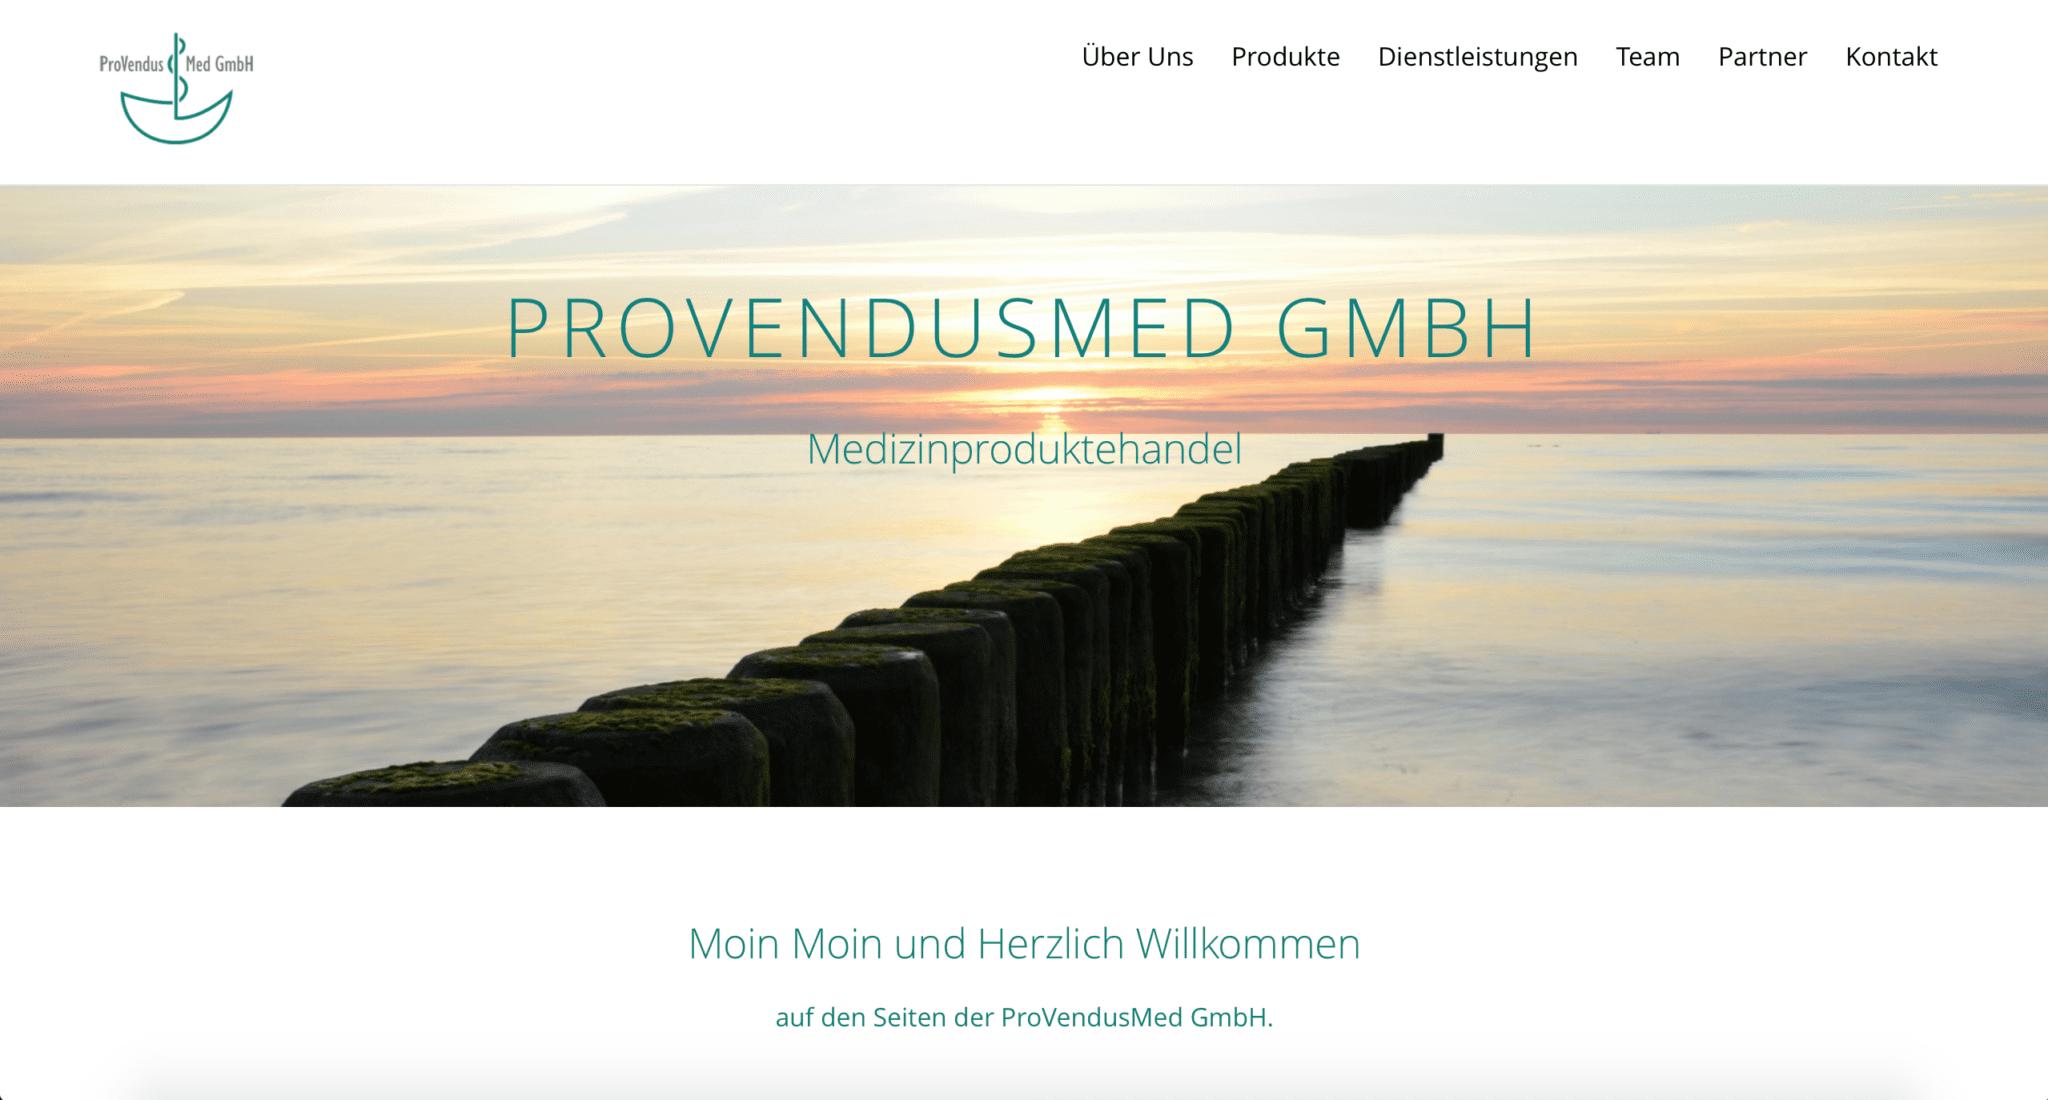 www.provendusmed.de